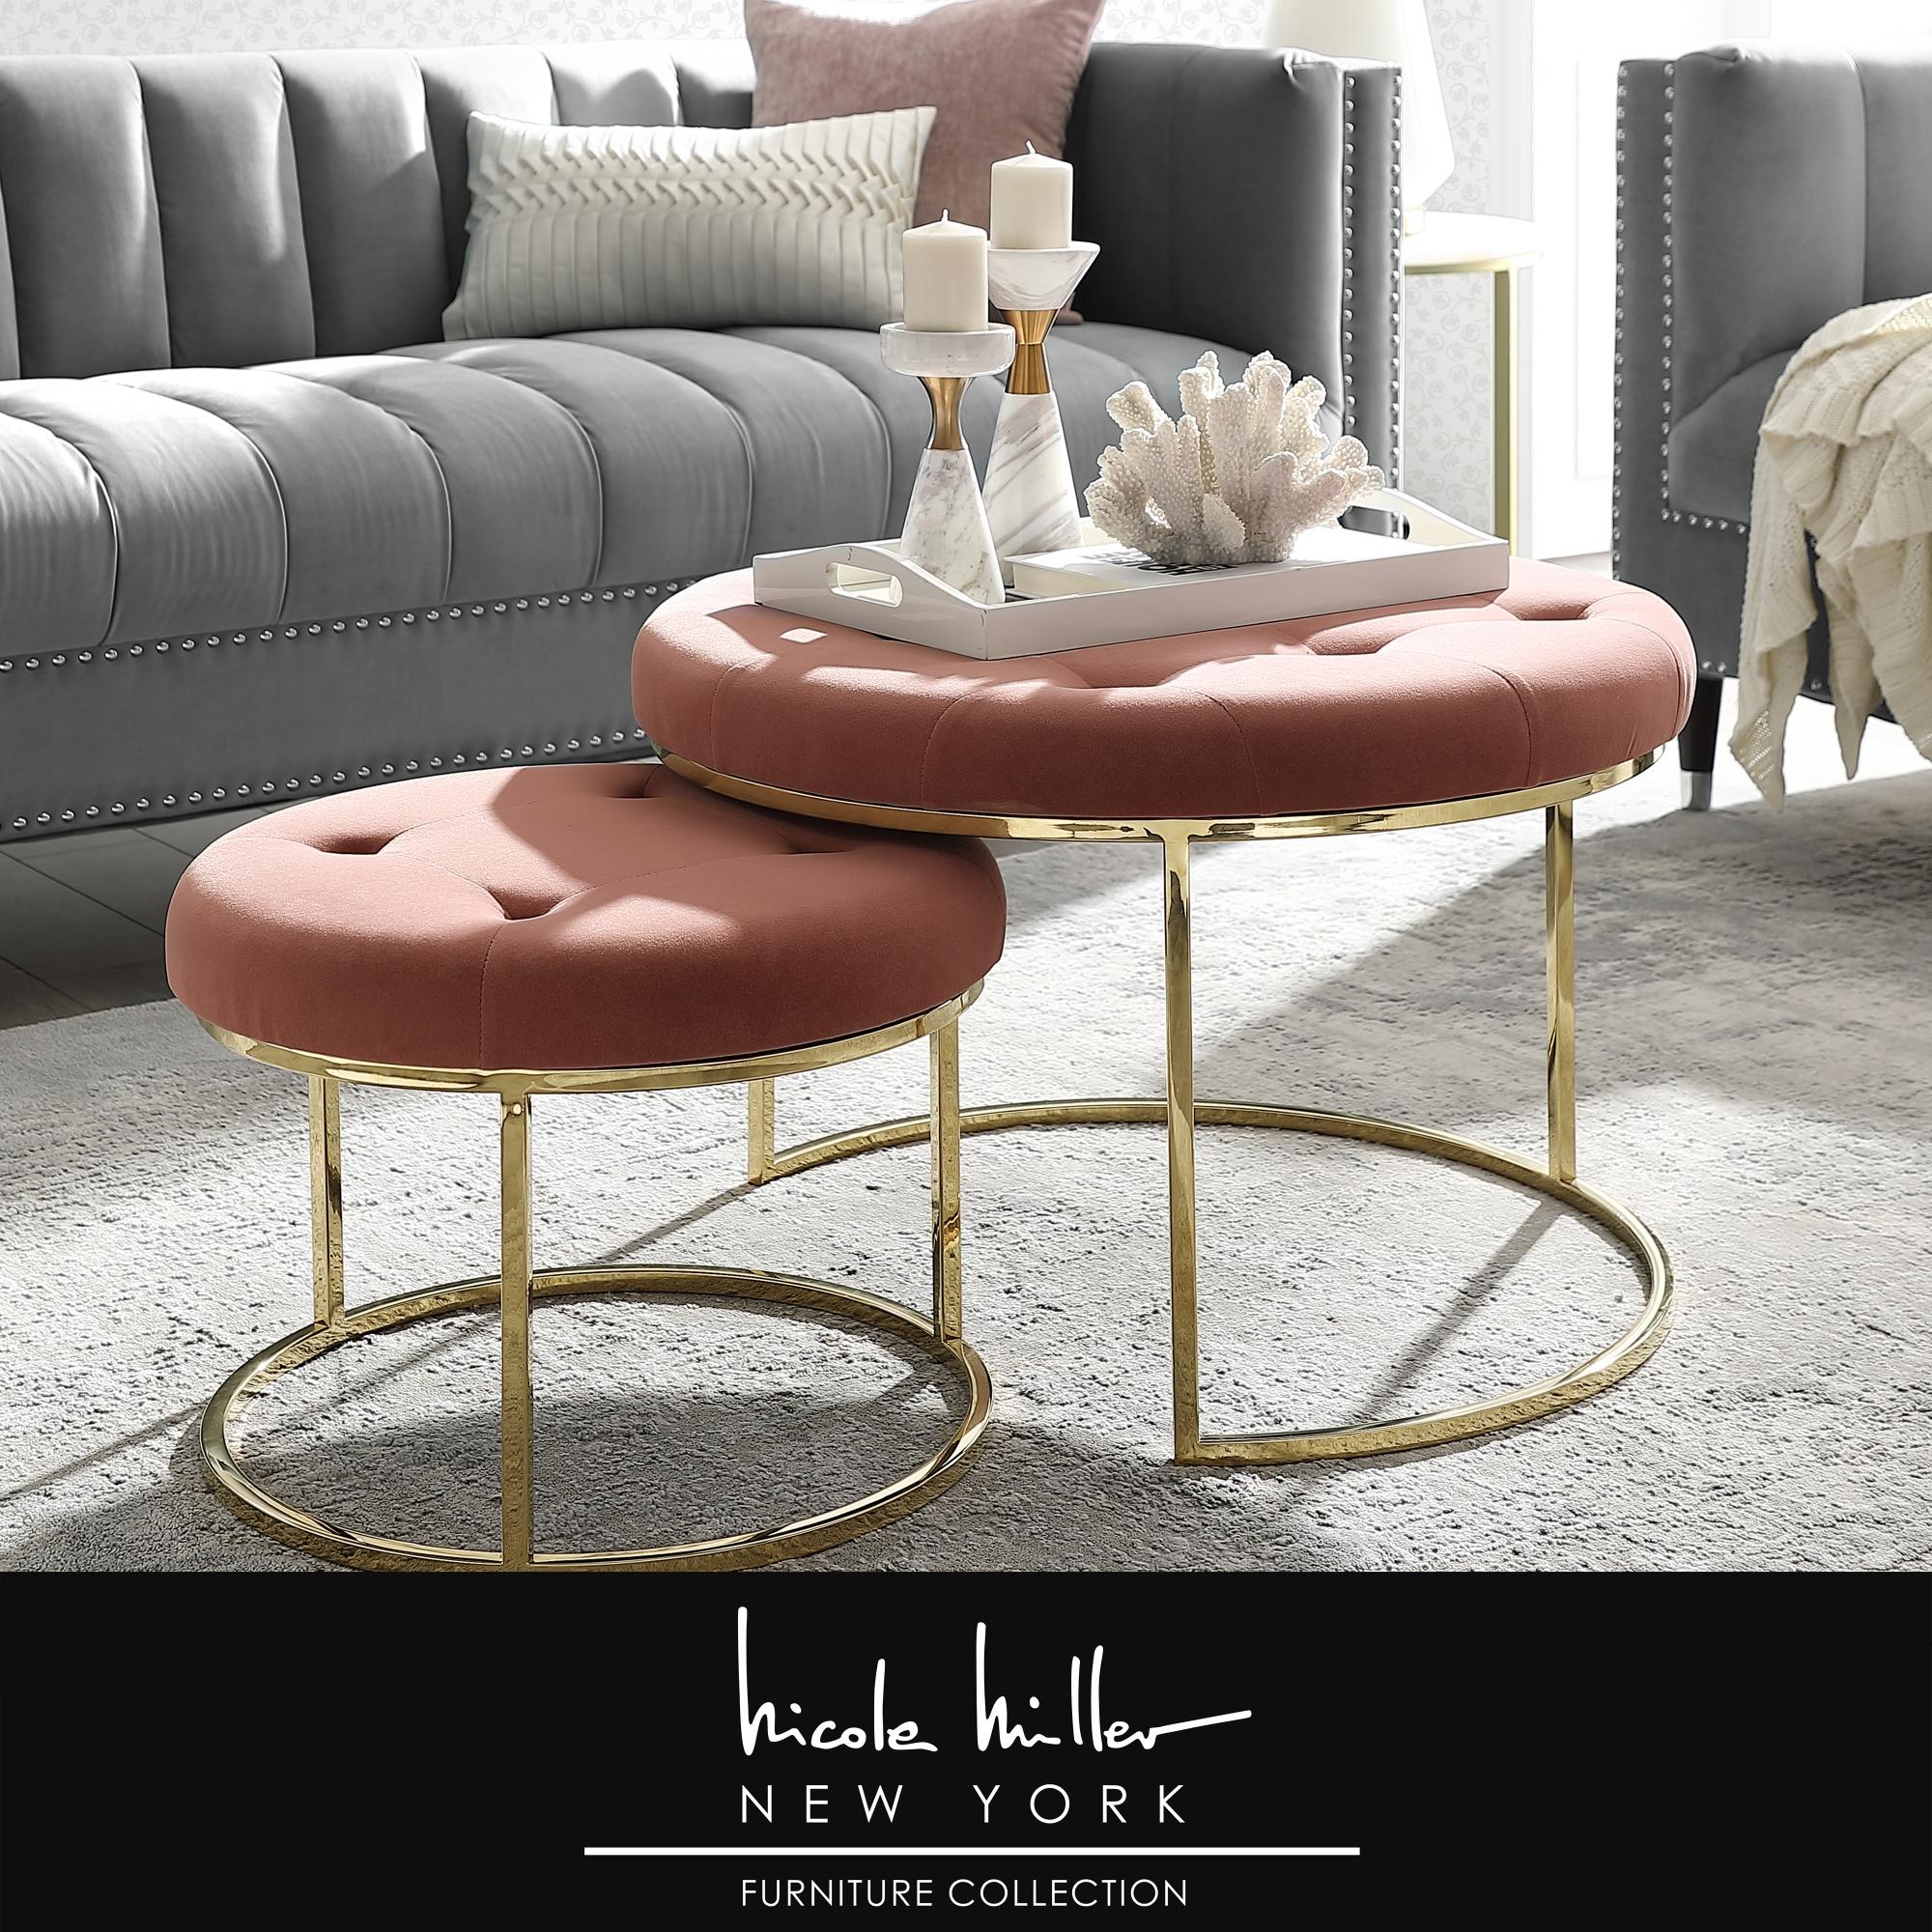 Nicole Miller Blush/Gold Velvet Ottoman Nesting Stainless Steel Polished Base